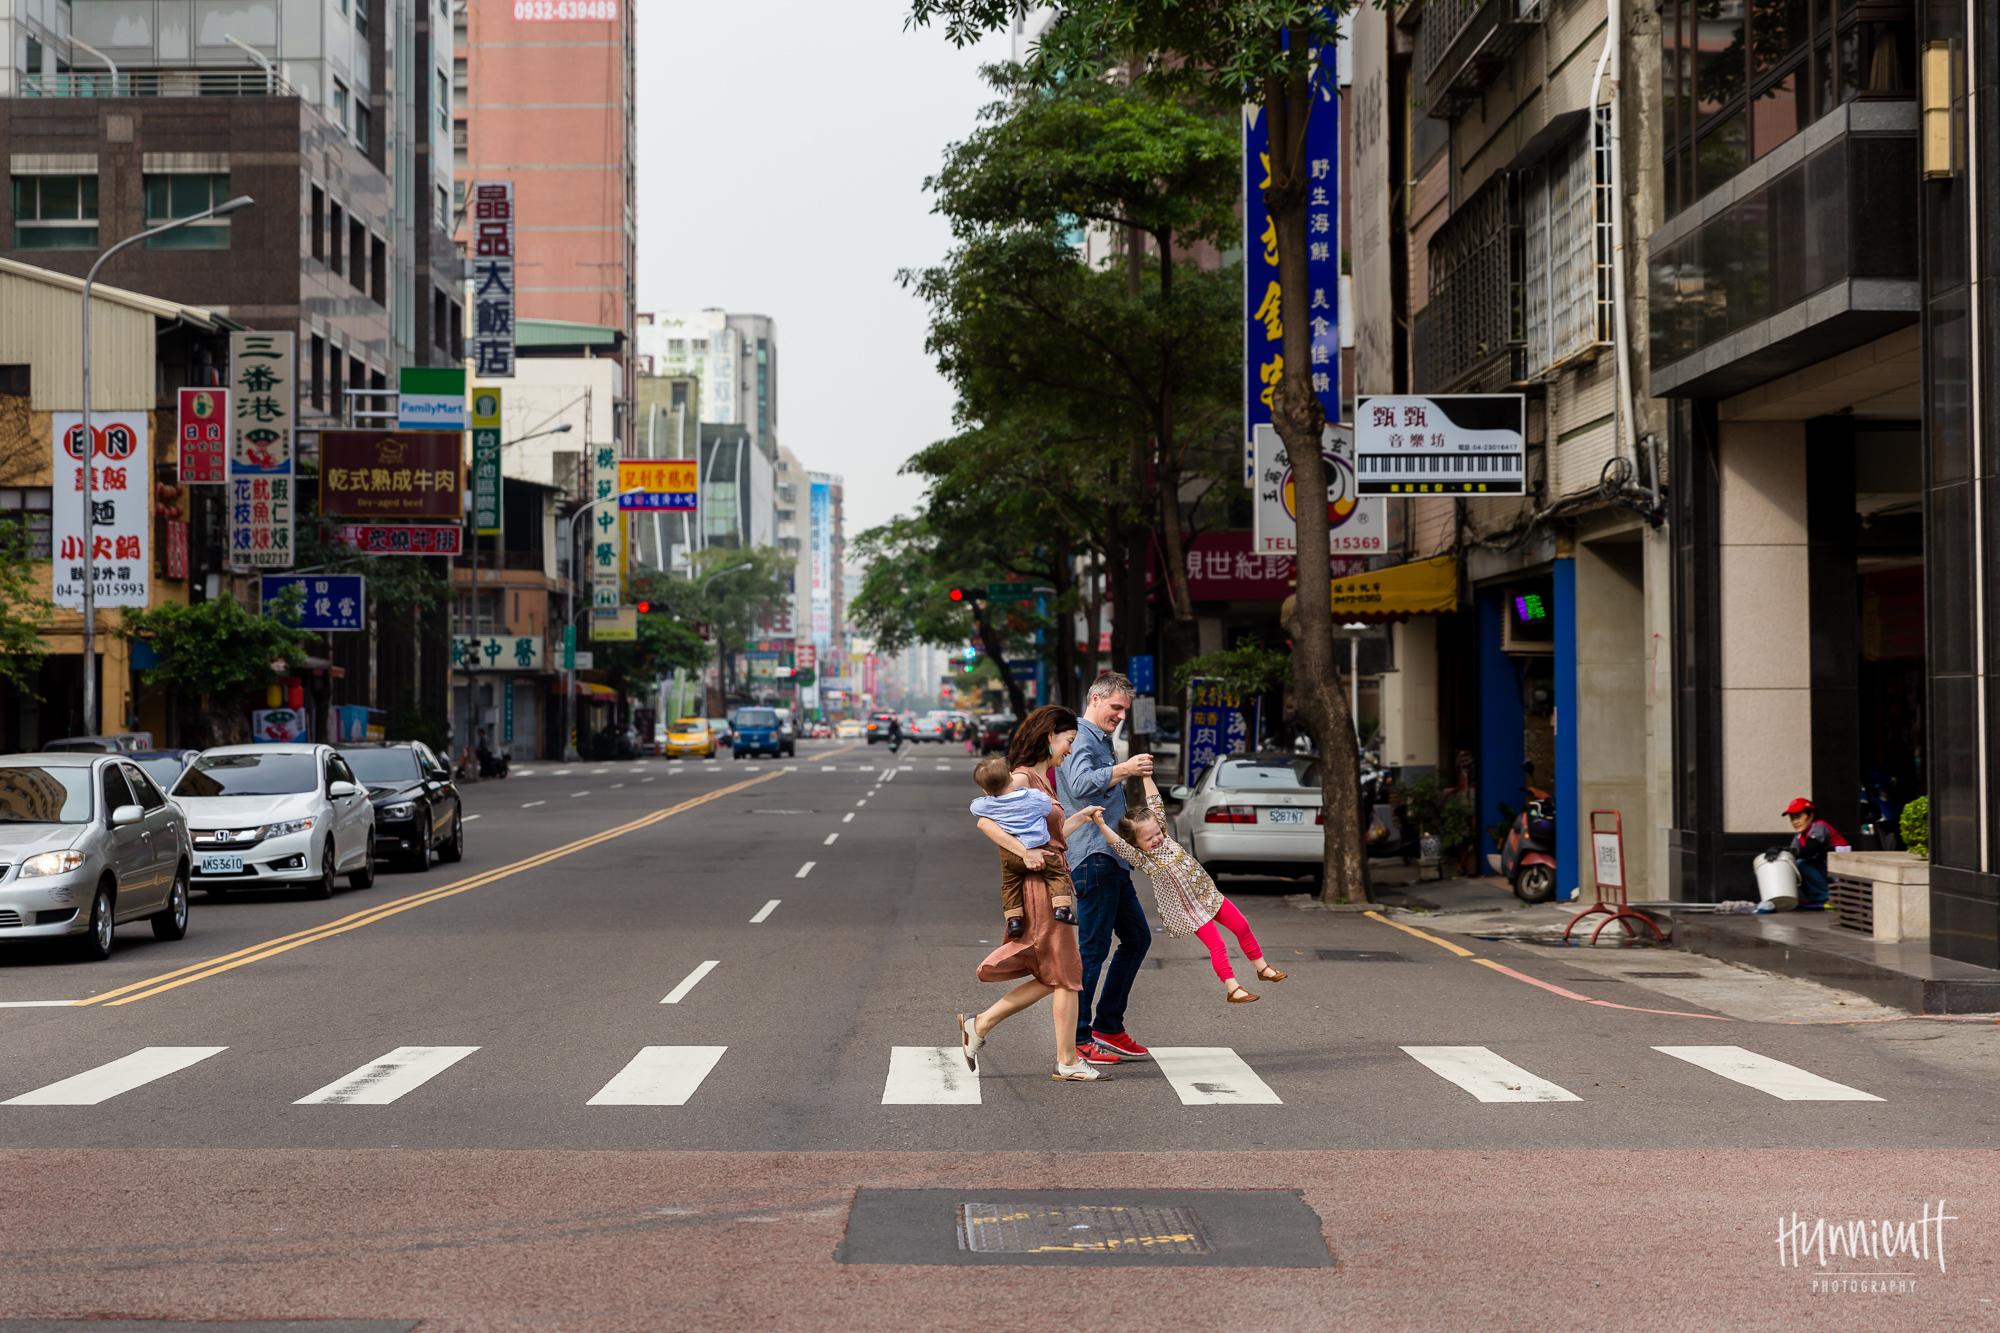 Taiwan-Urban-Lifestle-Duck-Family-HunnicuttPHotography-11